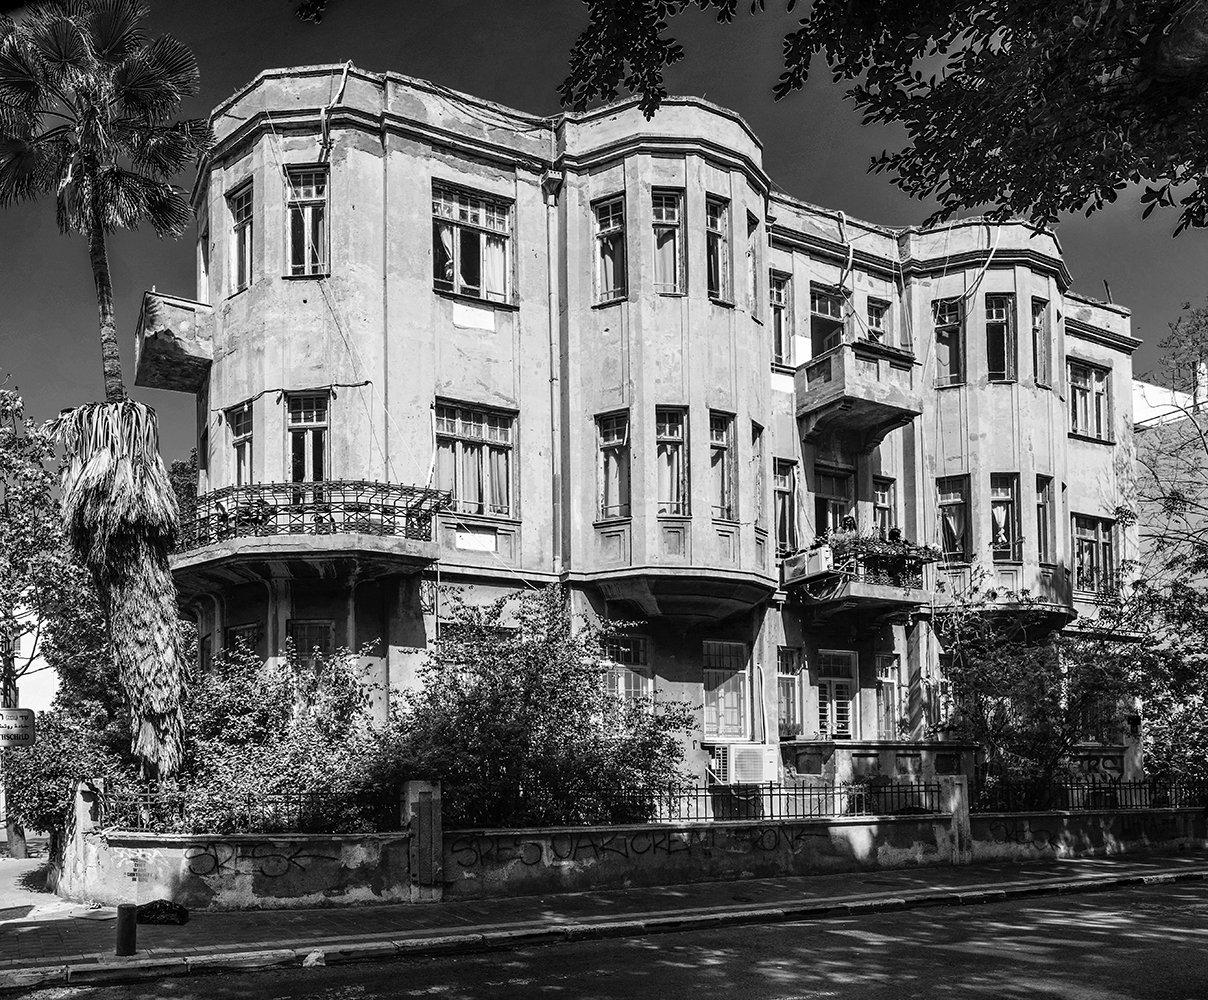 אדריכלות בשדרות רוטשילד, יוהנס פלטן צילום